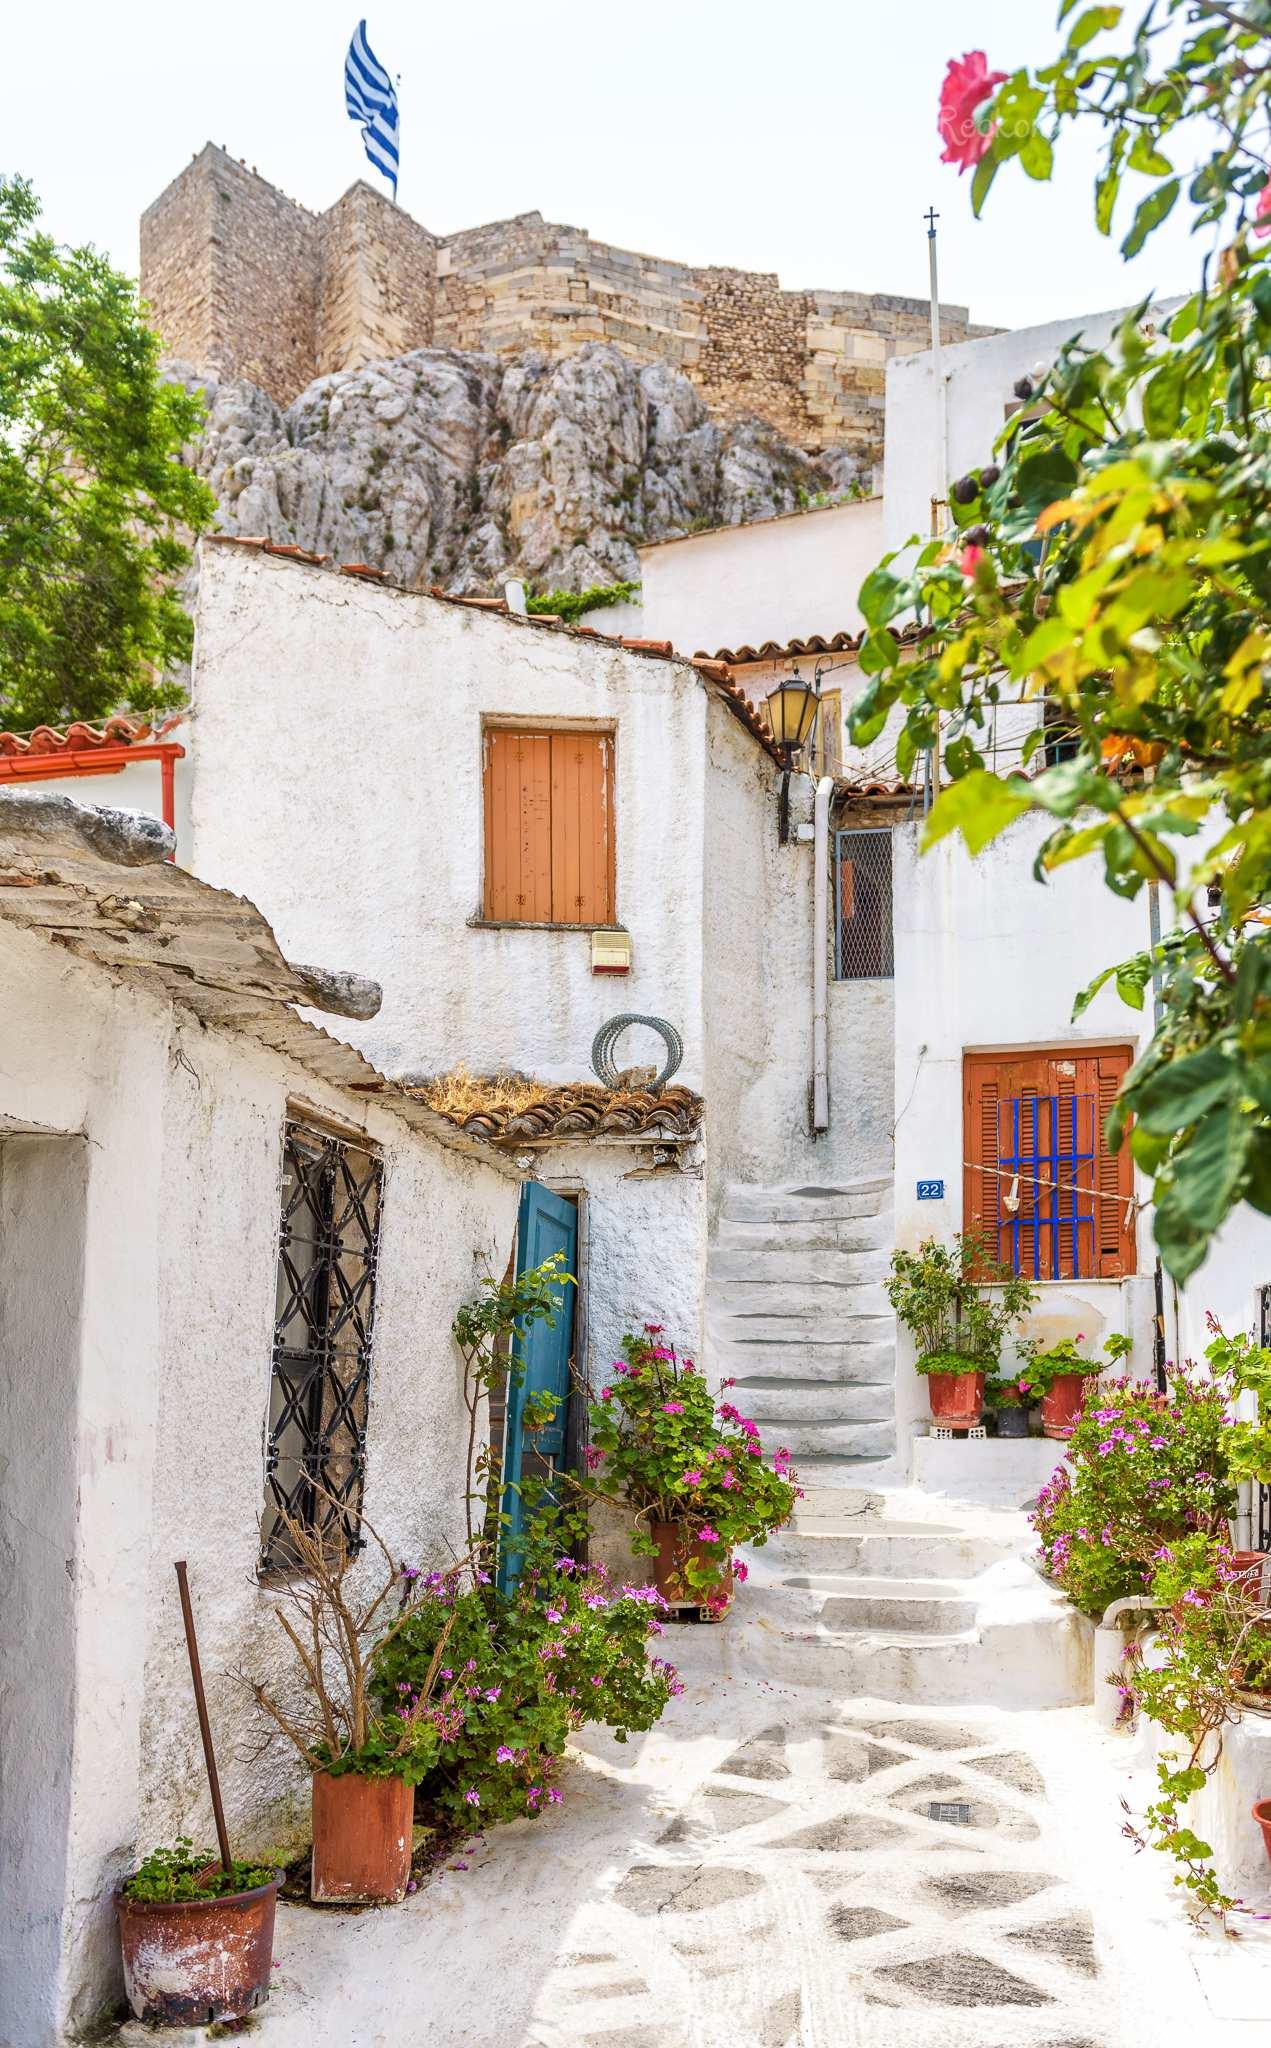 Čtvrť Anafiotika vyrůstala městskému plánu navzdory živelným a spontánním způsobem, se vzhledem domků typickým pro domovinu stavitelů, Kykladské ostrovy.